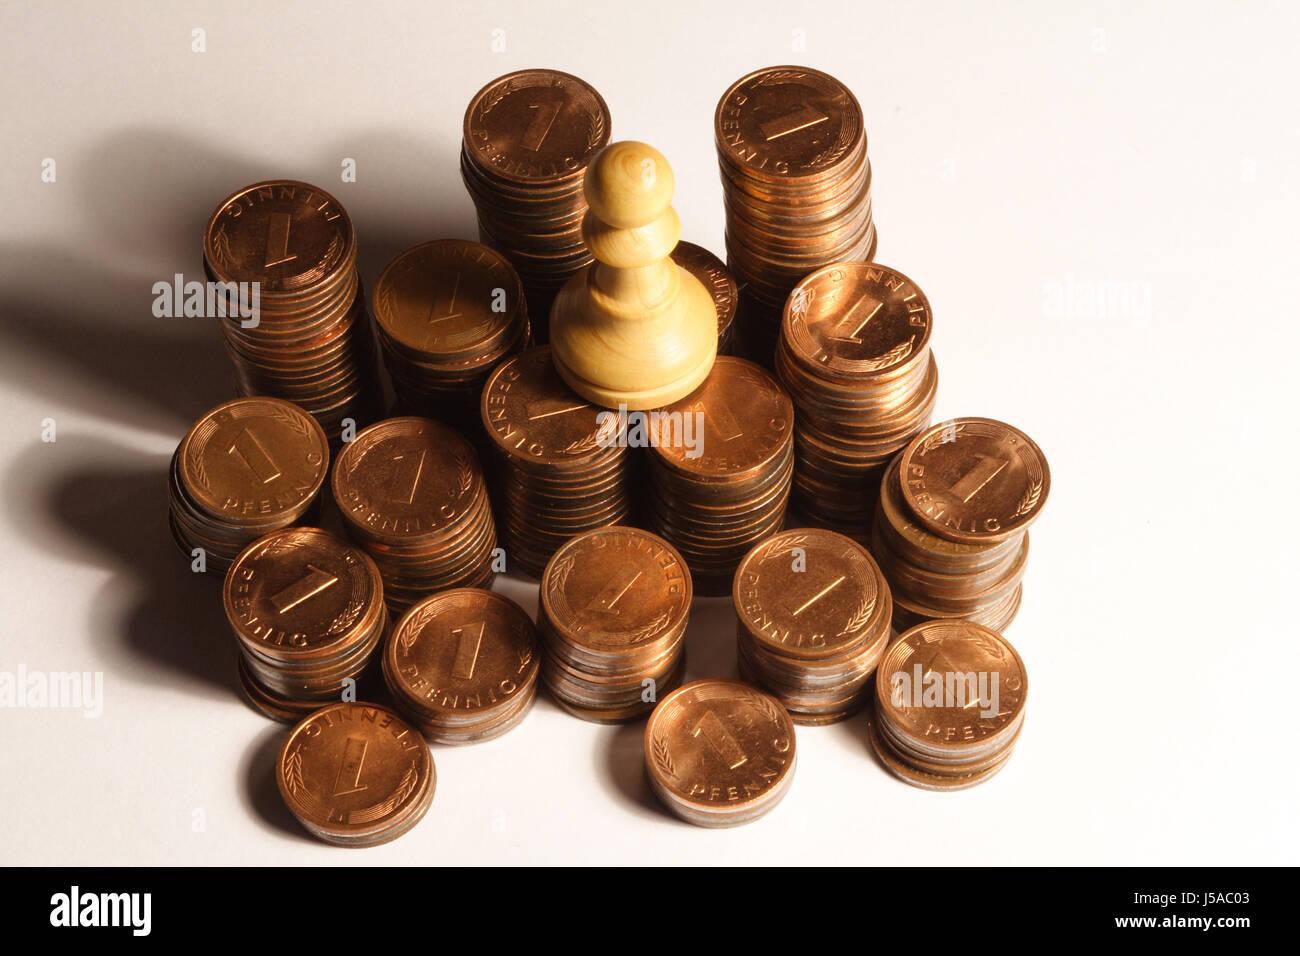 Geschichte Währung Münze Münzen Sparen Finanz Finanzen Ein Landwirt